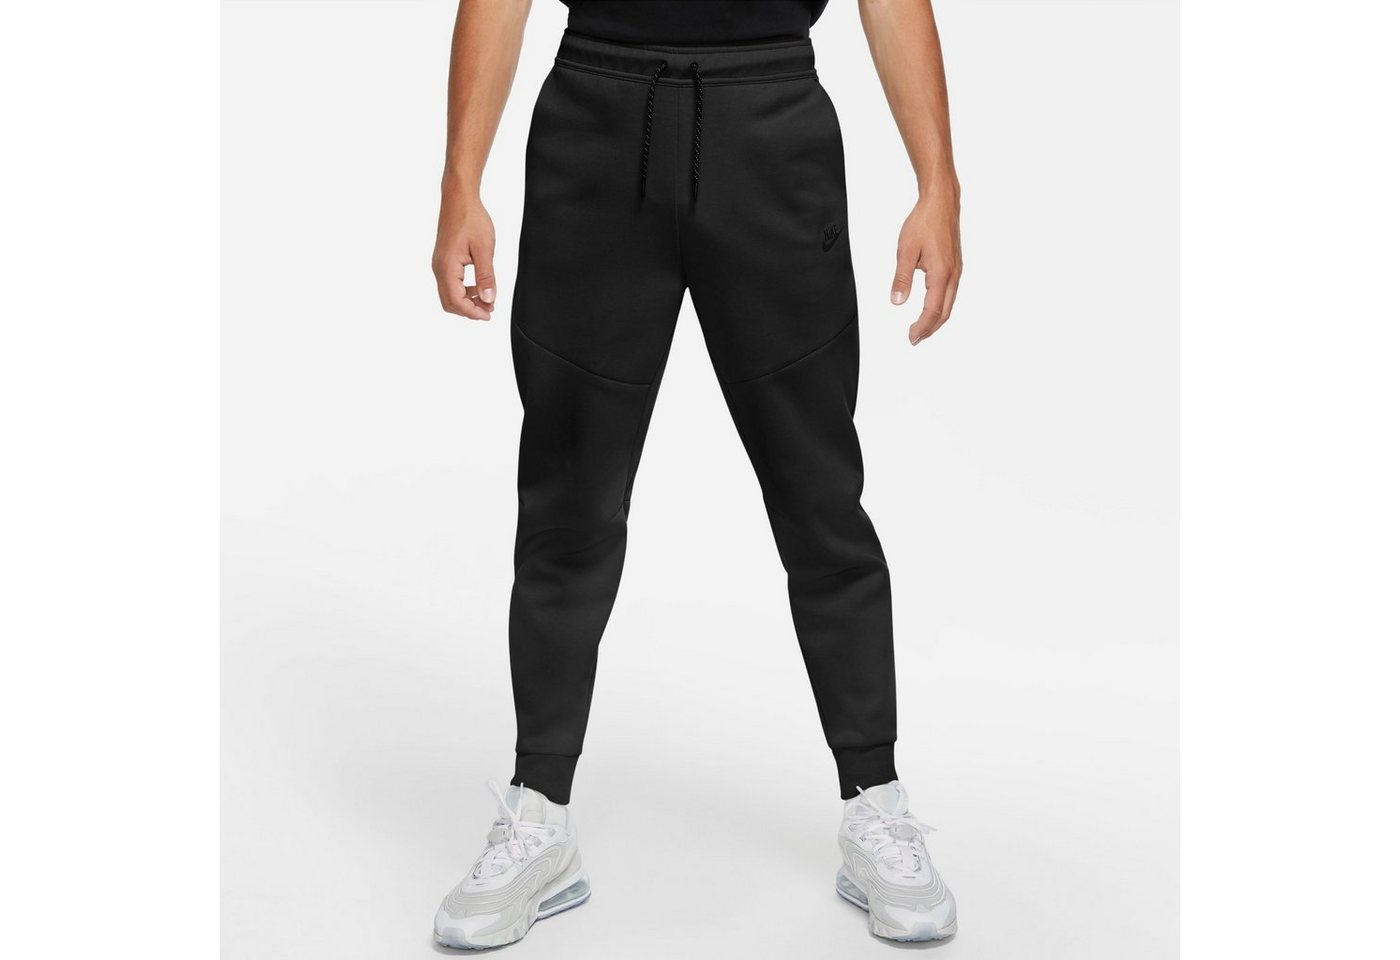 nike sportswear -  Jogginghose »Nike Tech Fleece Men's Joggers«